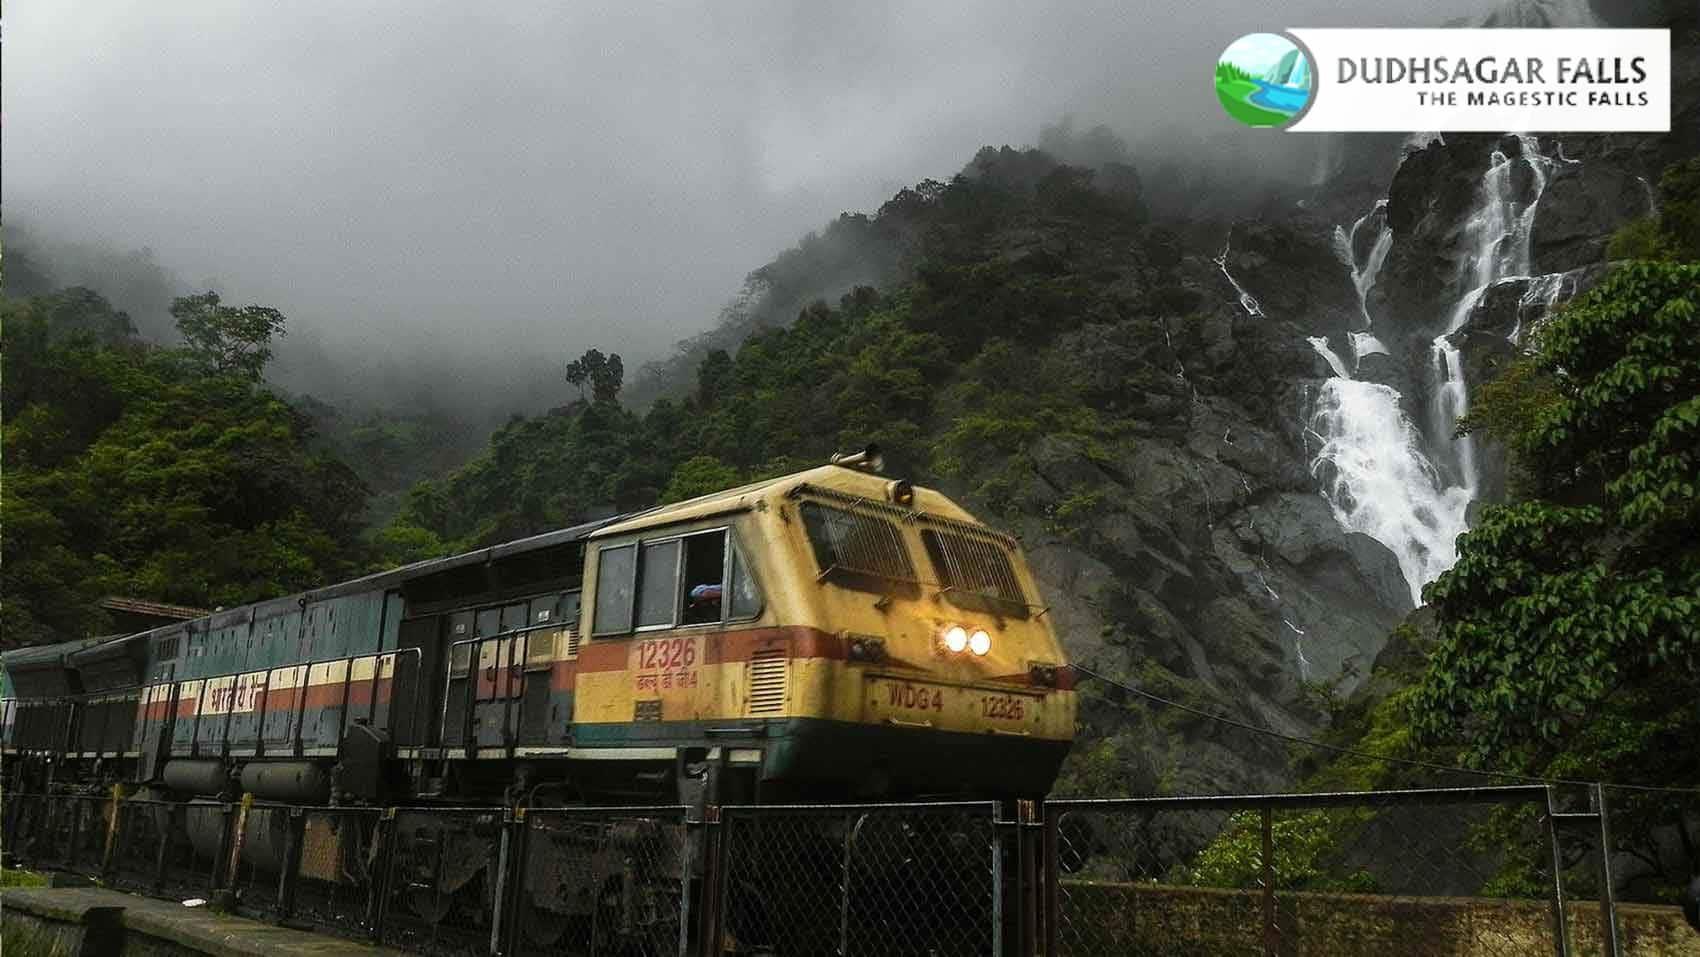 Dudhsagar-Waterfall-Train-Station-Goa